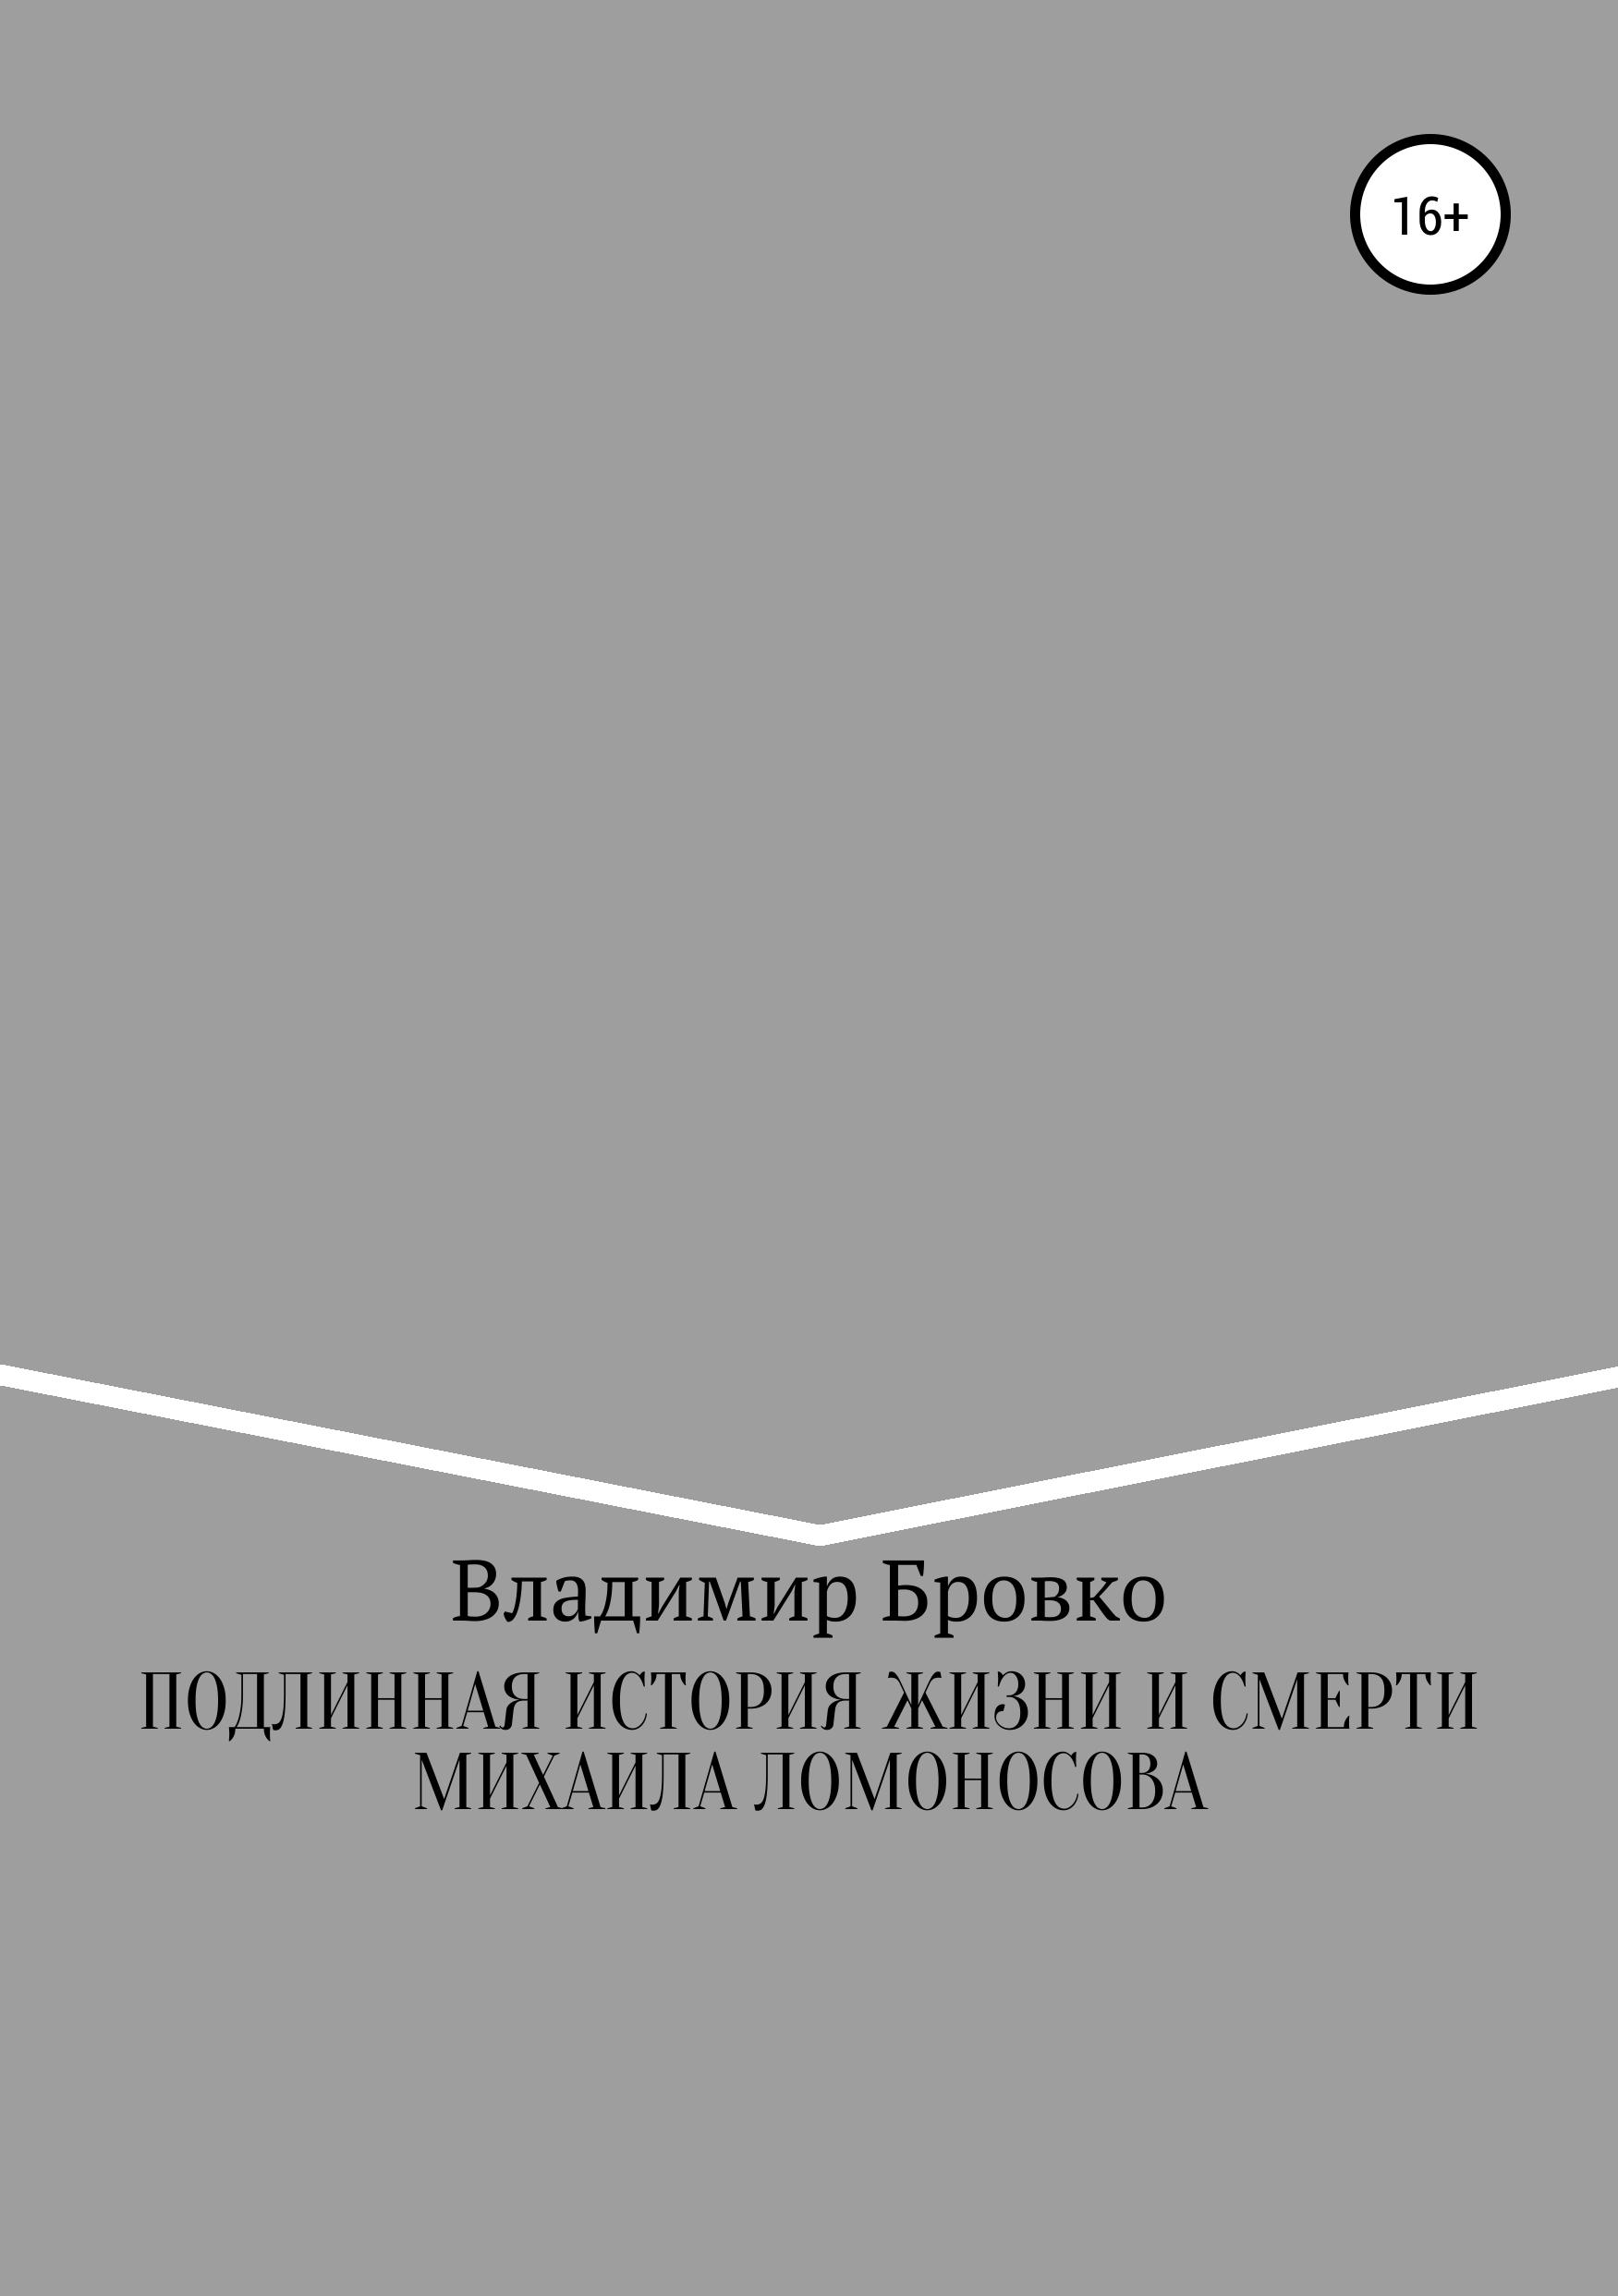 Подлинная история жизни и смерти Михаила Ломоносова